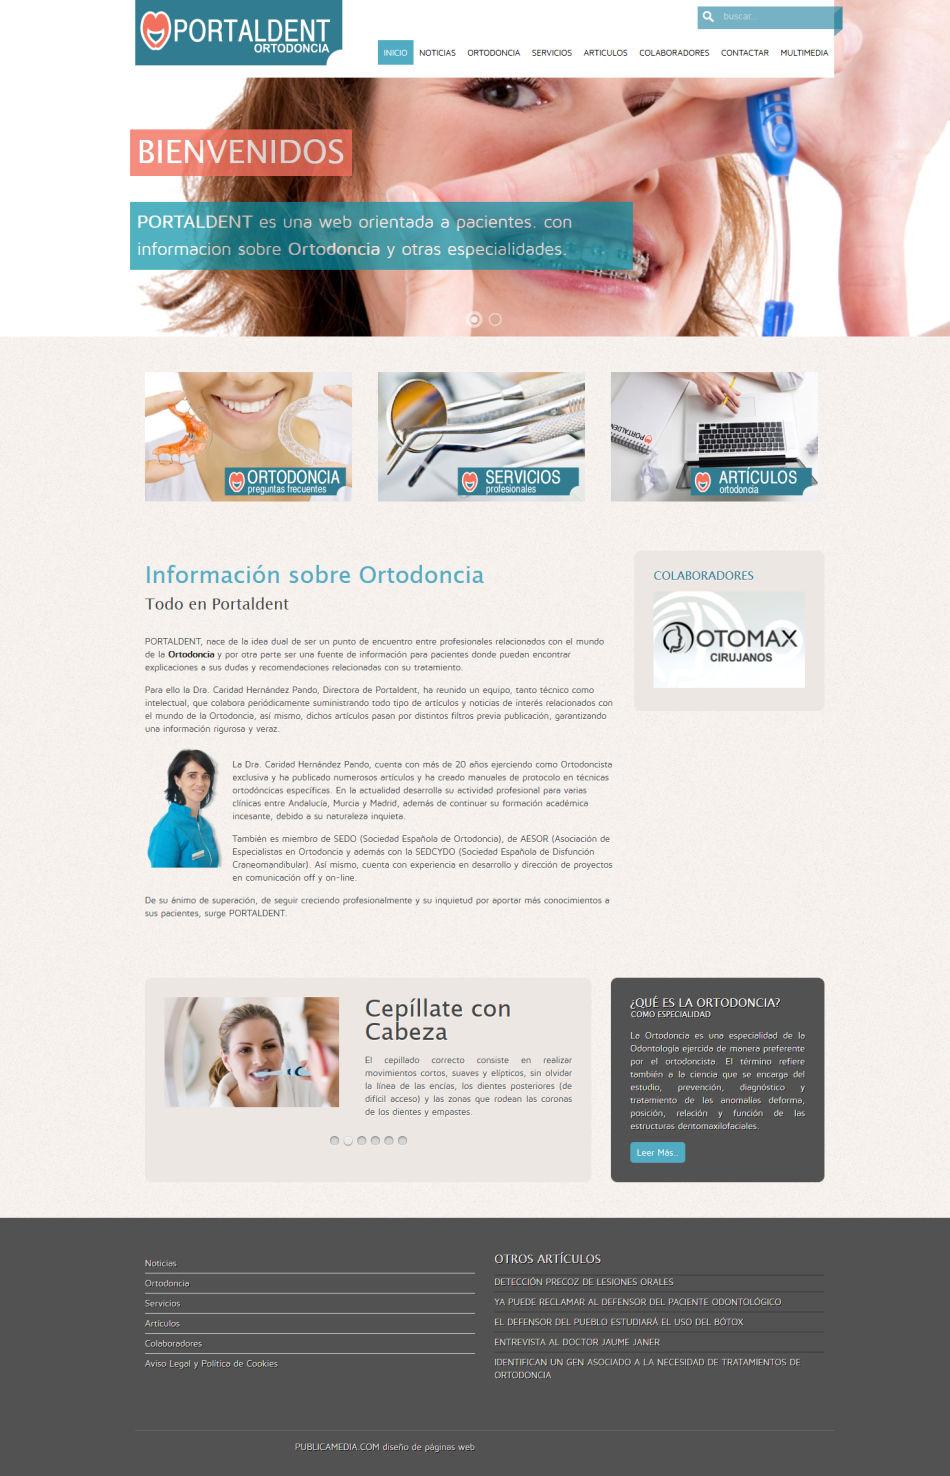 portaldent.com